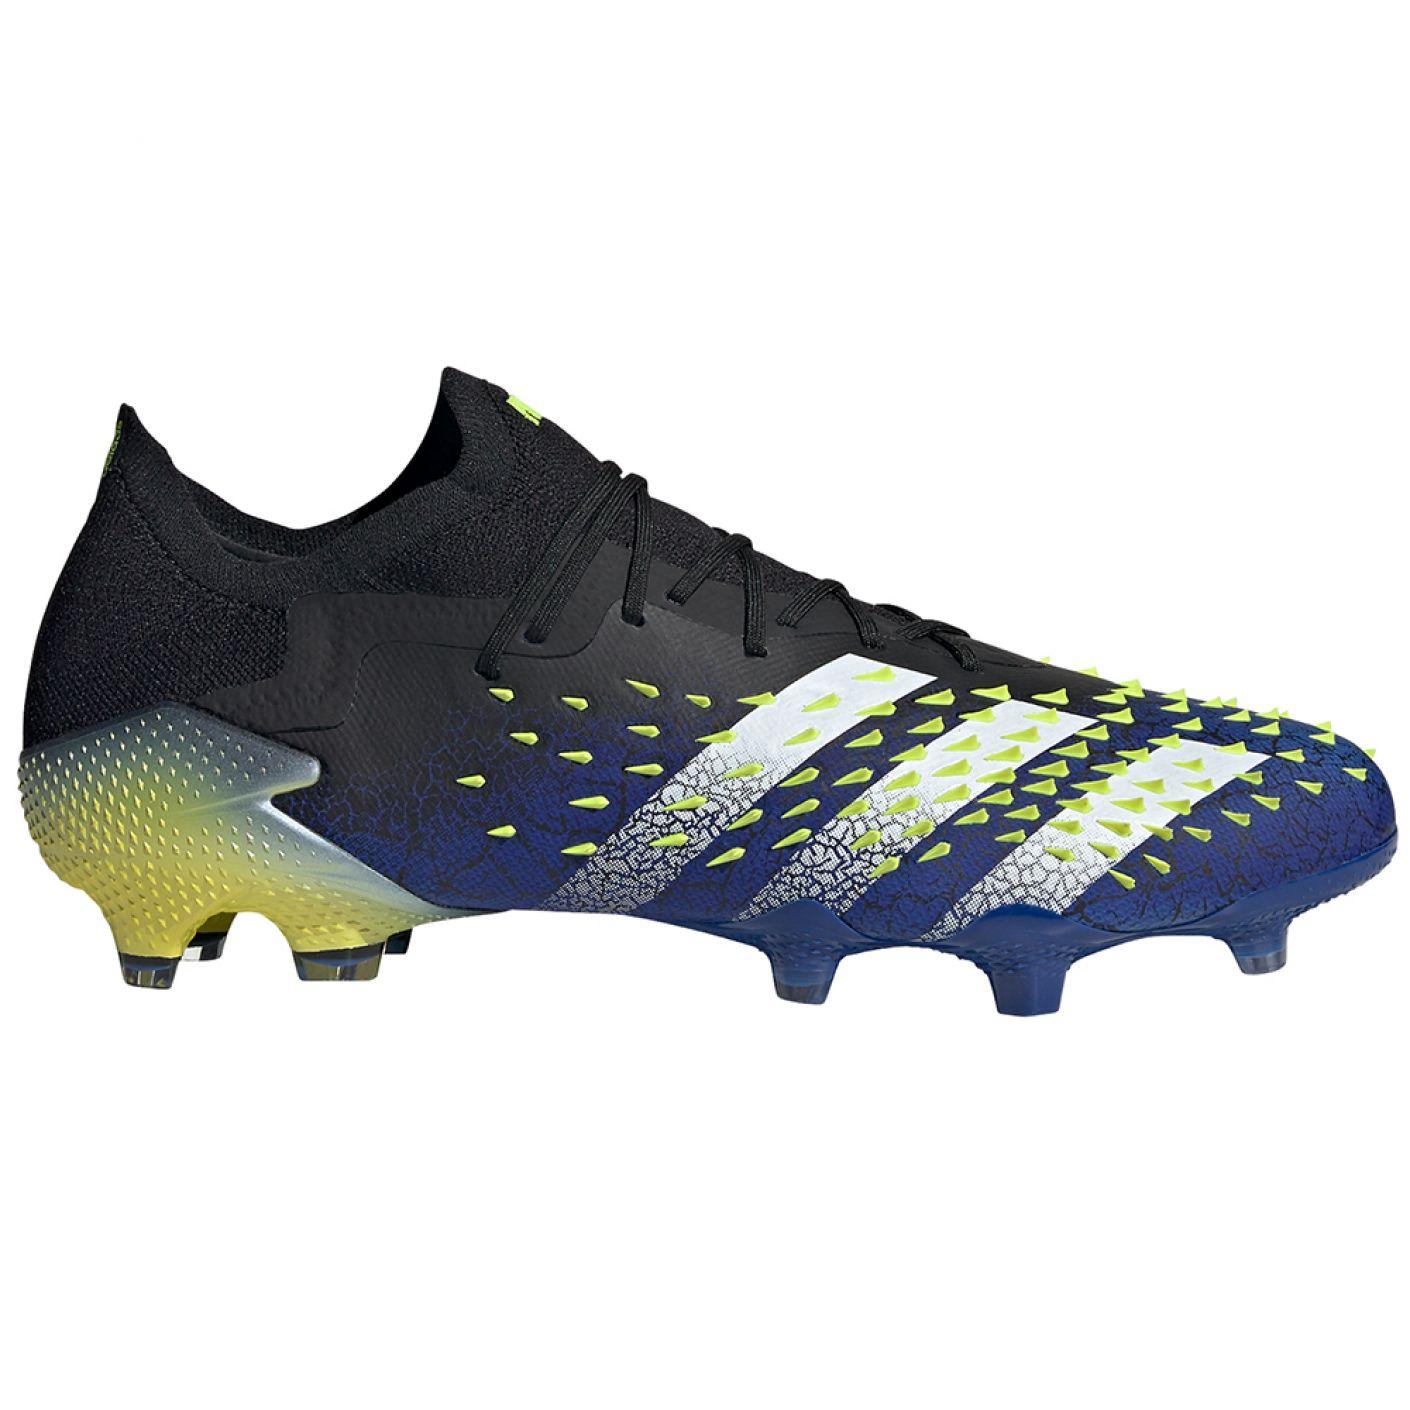 adidas Predator Freak.1 Low Gras Voetbalschoenen (FG) Zwart Wit Geel